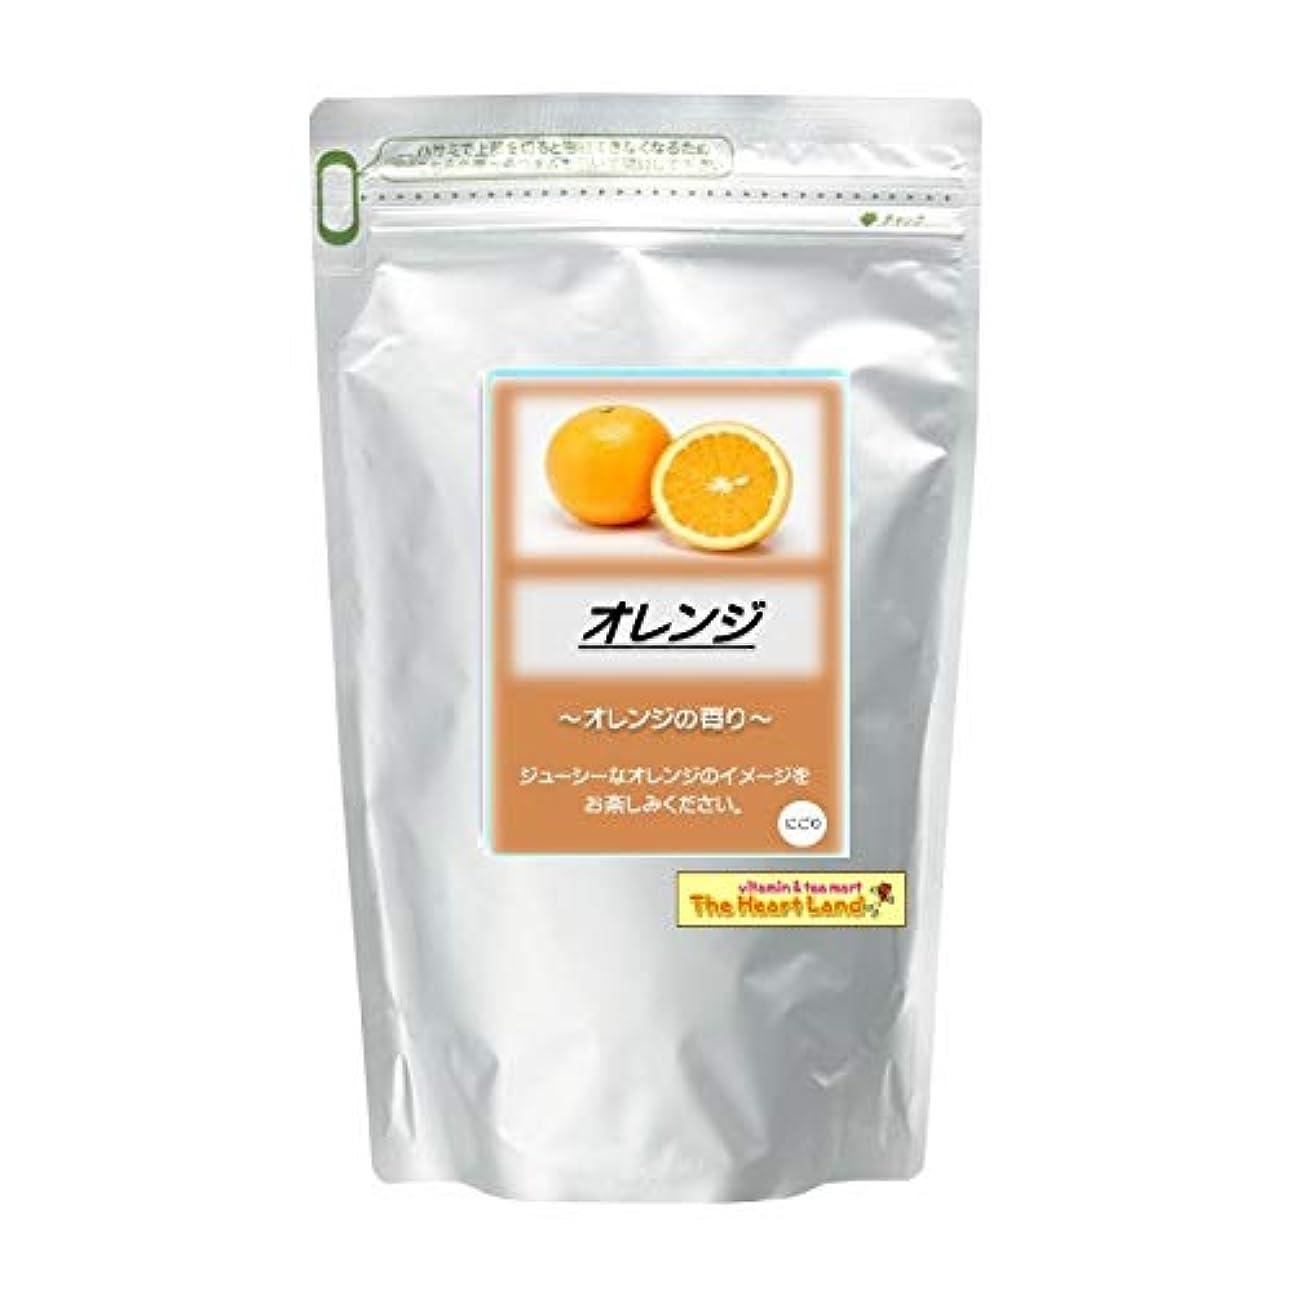 増加する霜教養があるアサヒ入浴剤 浴用入浴化粧品 オレンジ 300g